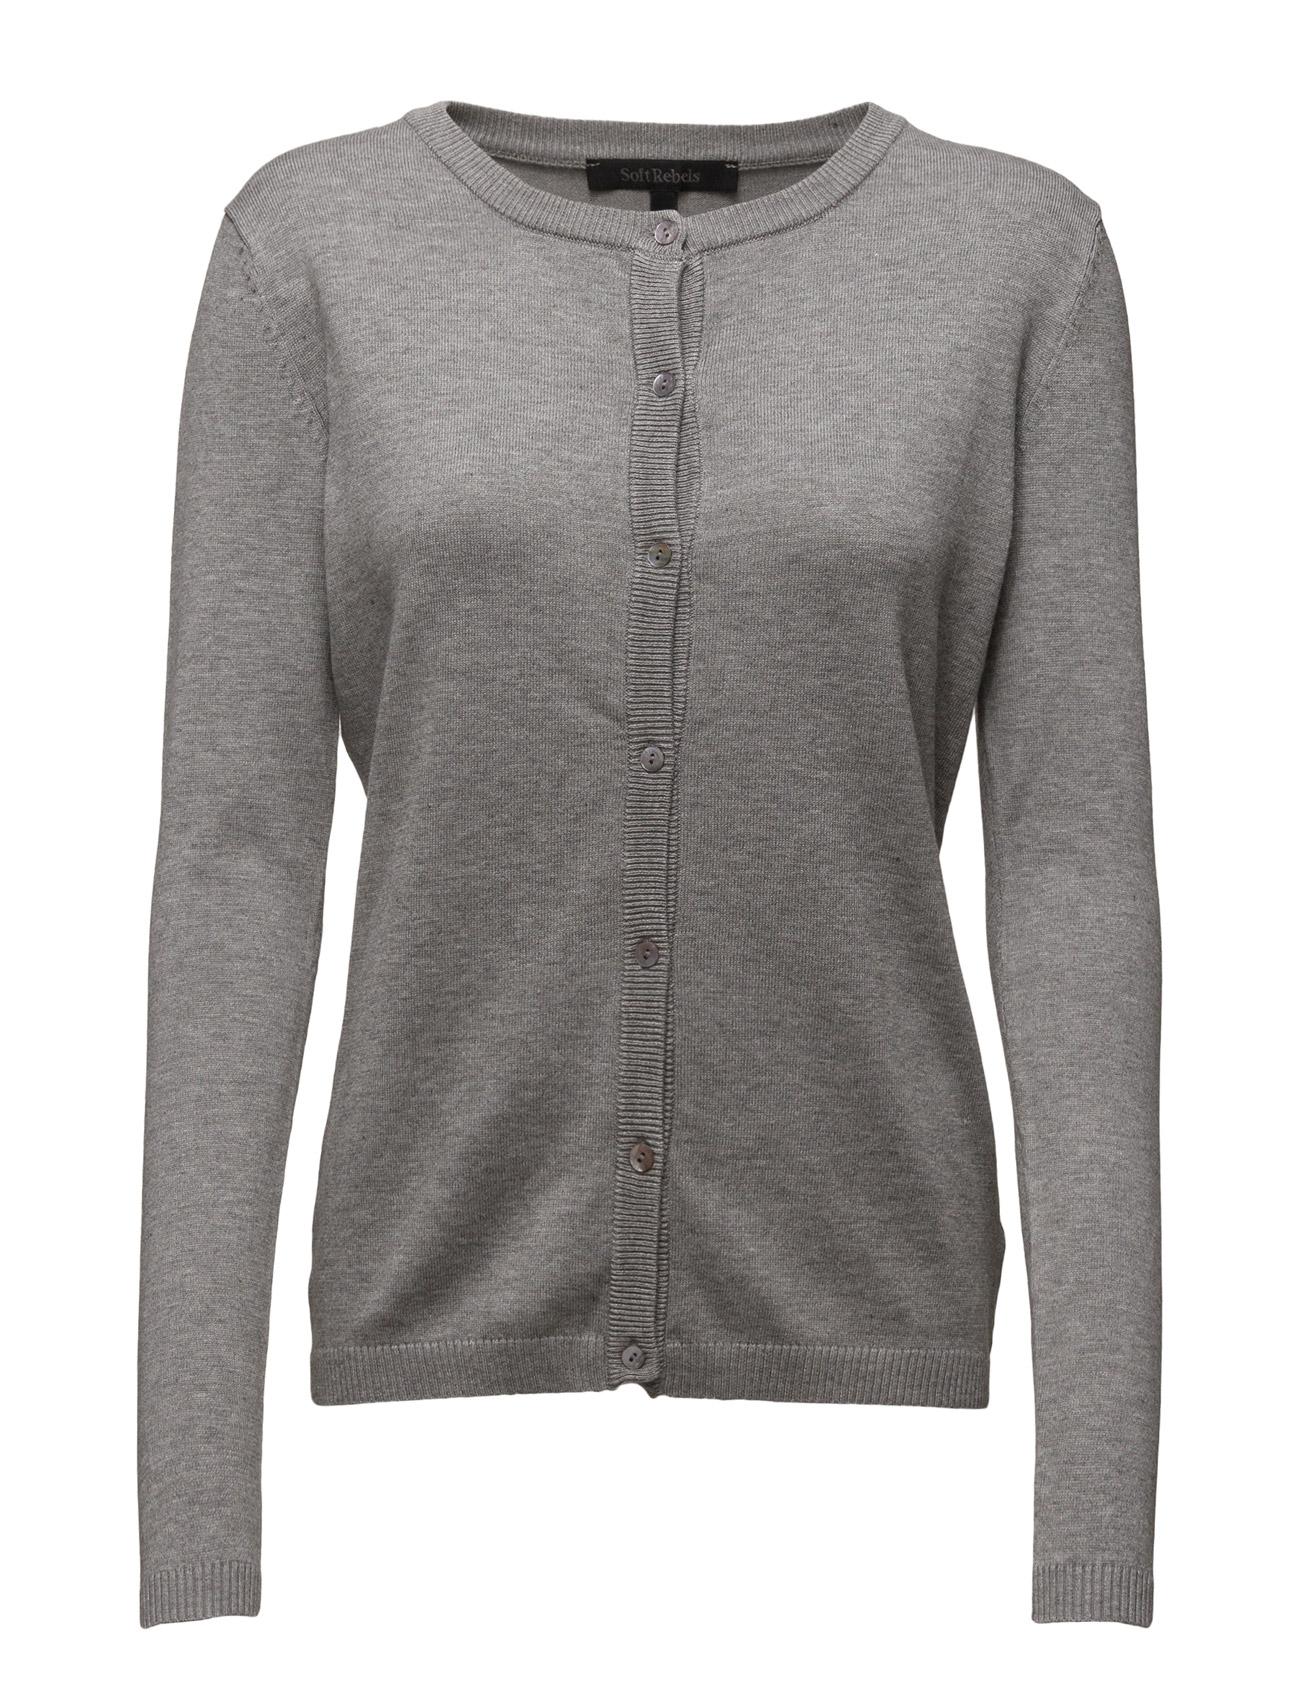 Zara Cardigan O-Neck Soft Rebels Cardigans til Damer i 003 Light Grey